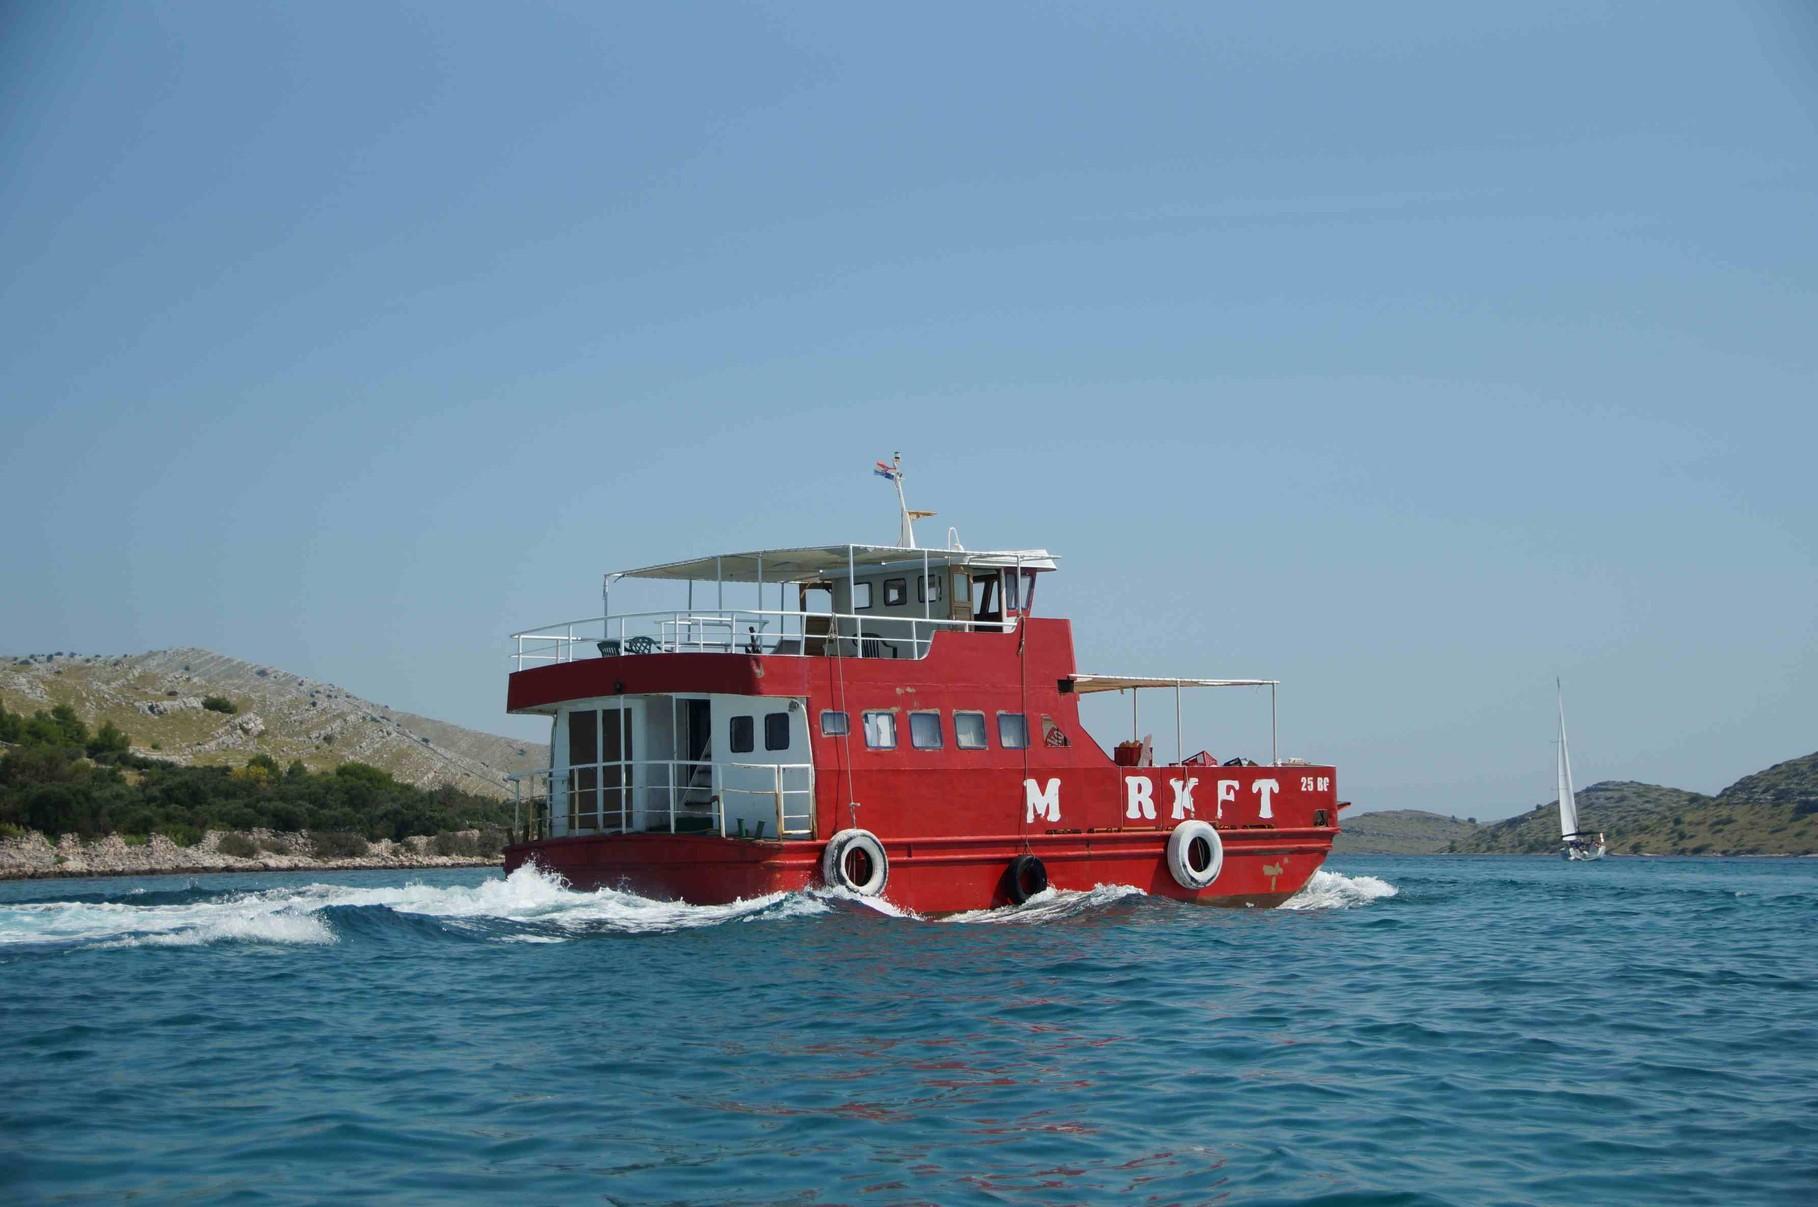 Supermarkt auf Kroatisch! Per Boot werden die vielen kleinen Kornaten-Inseln mit Lebensmitteln beliefert!